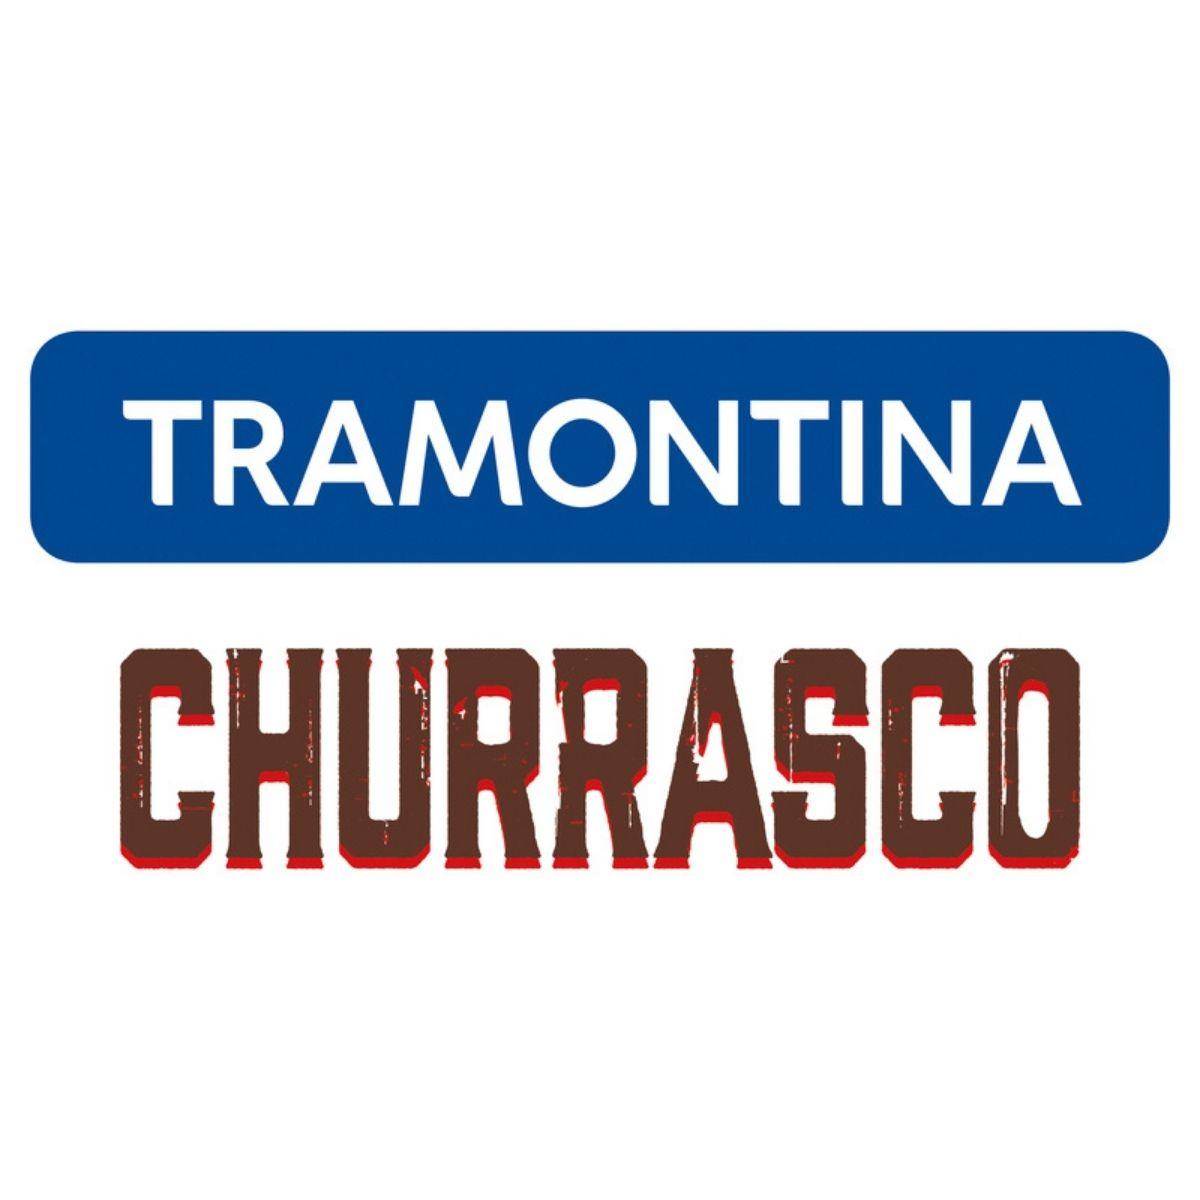 Jogo Trinchante Tramontina Churrasco com Lâminas em Aço Inox e Cabos de Madeira Natural 03 Peças